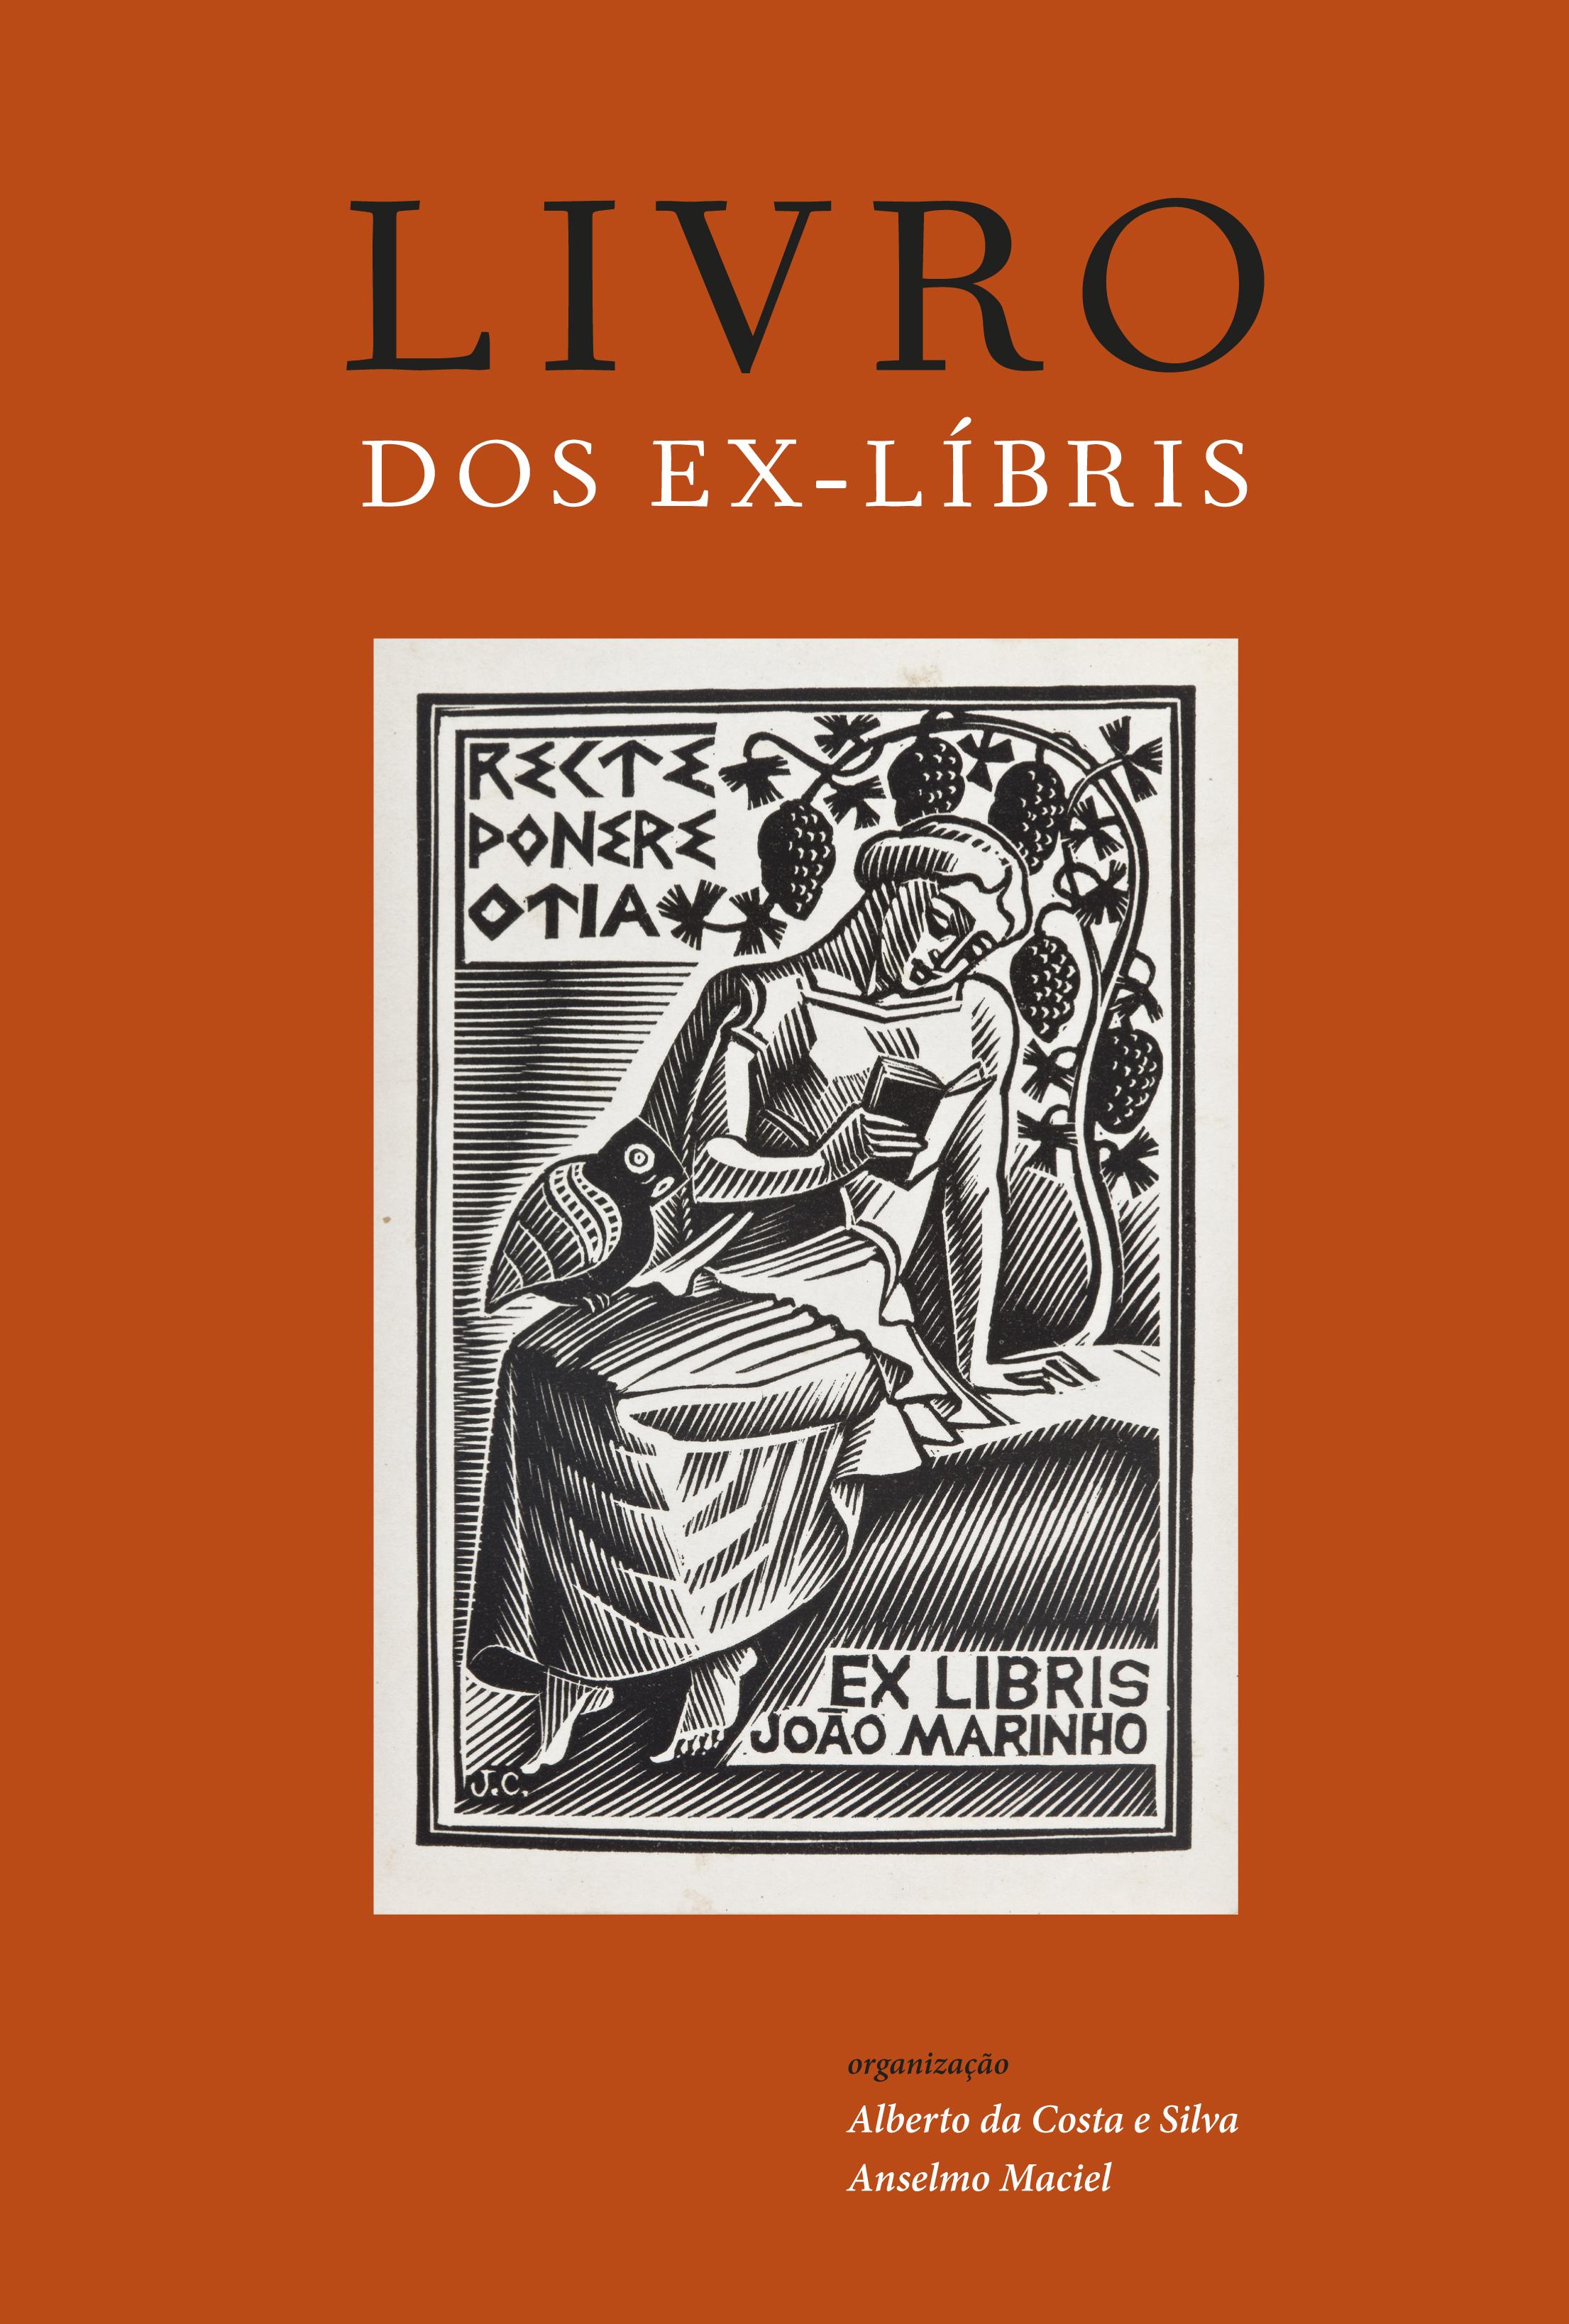 BOOK OF EX-LIBRIS